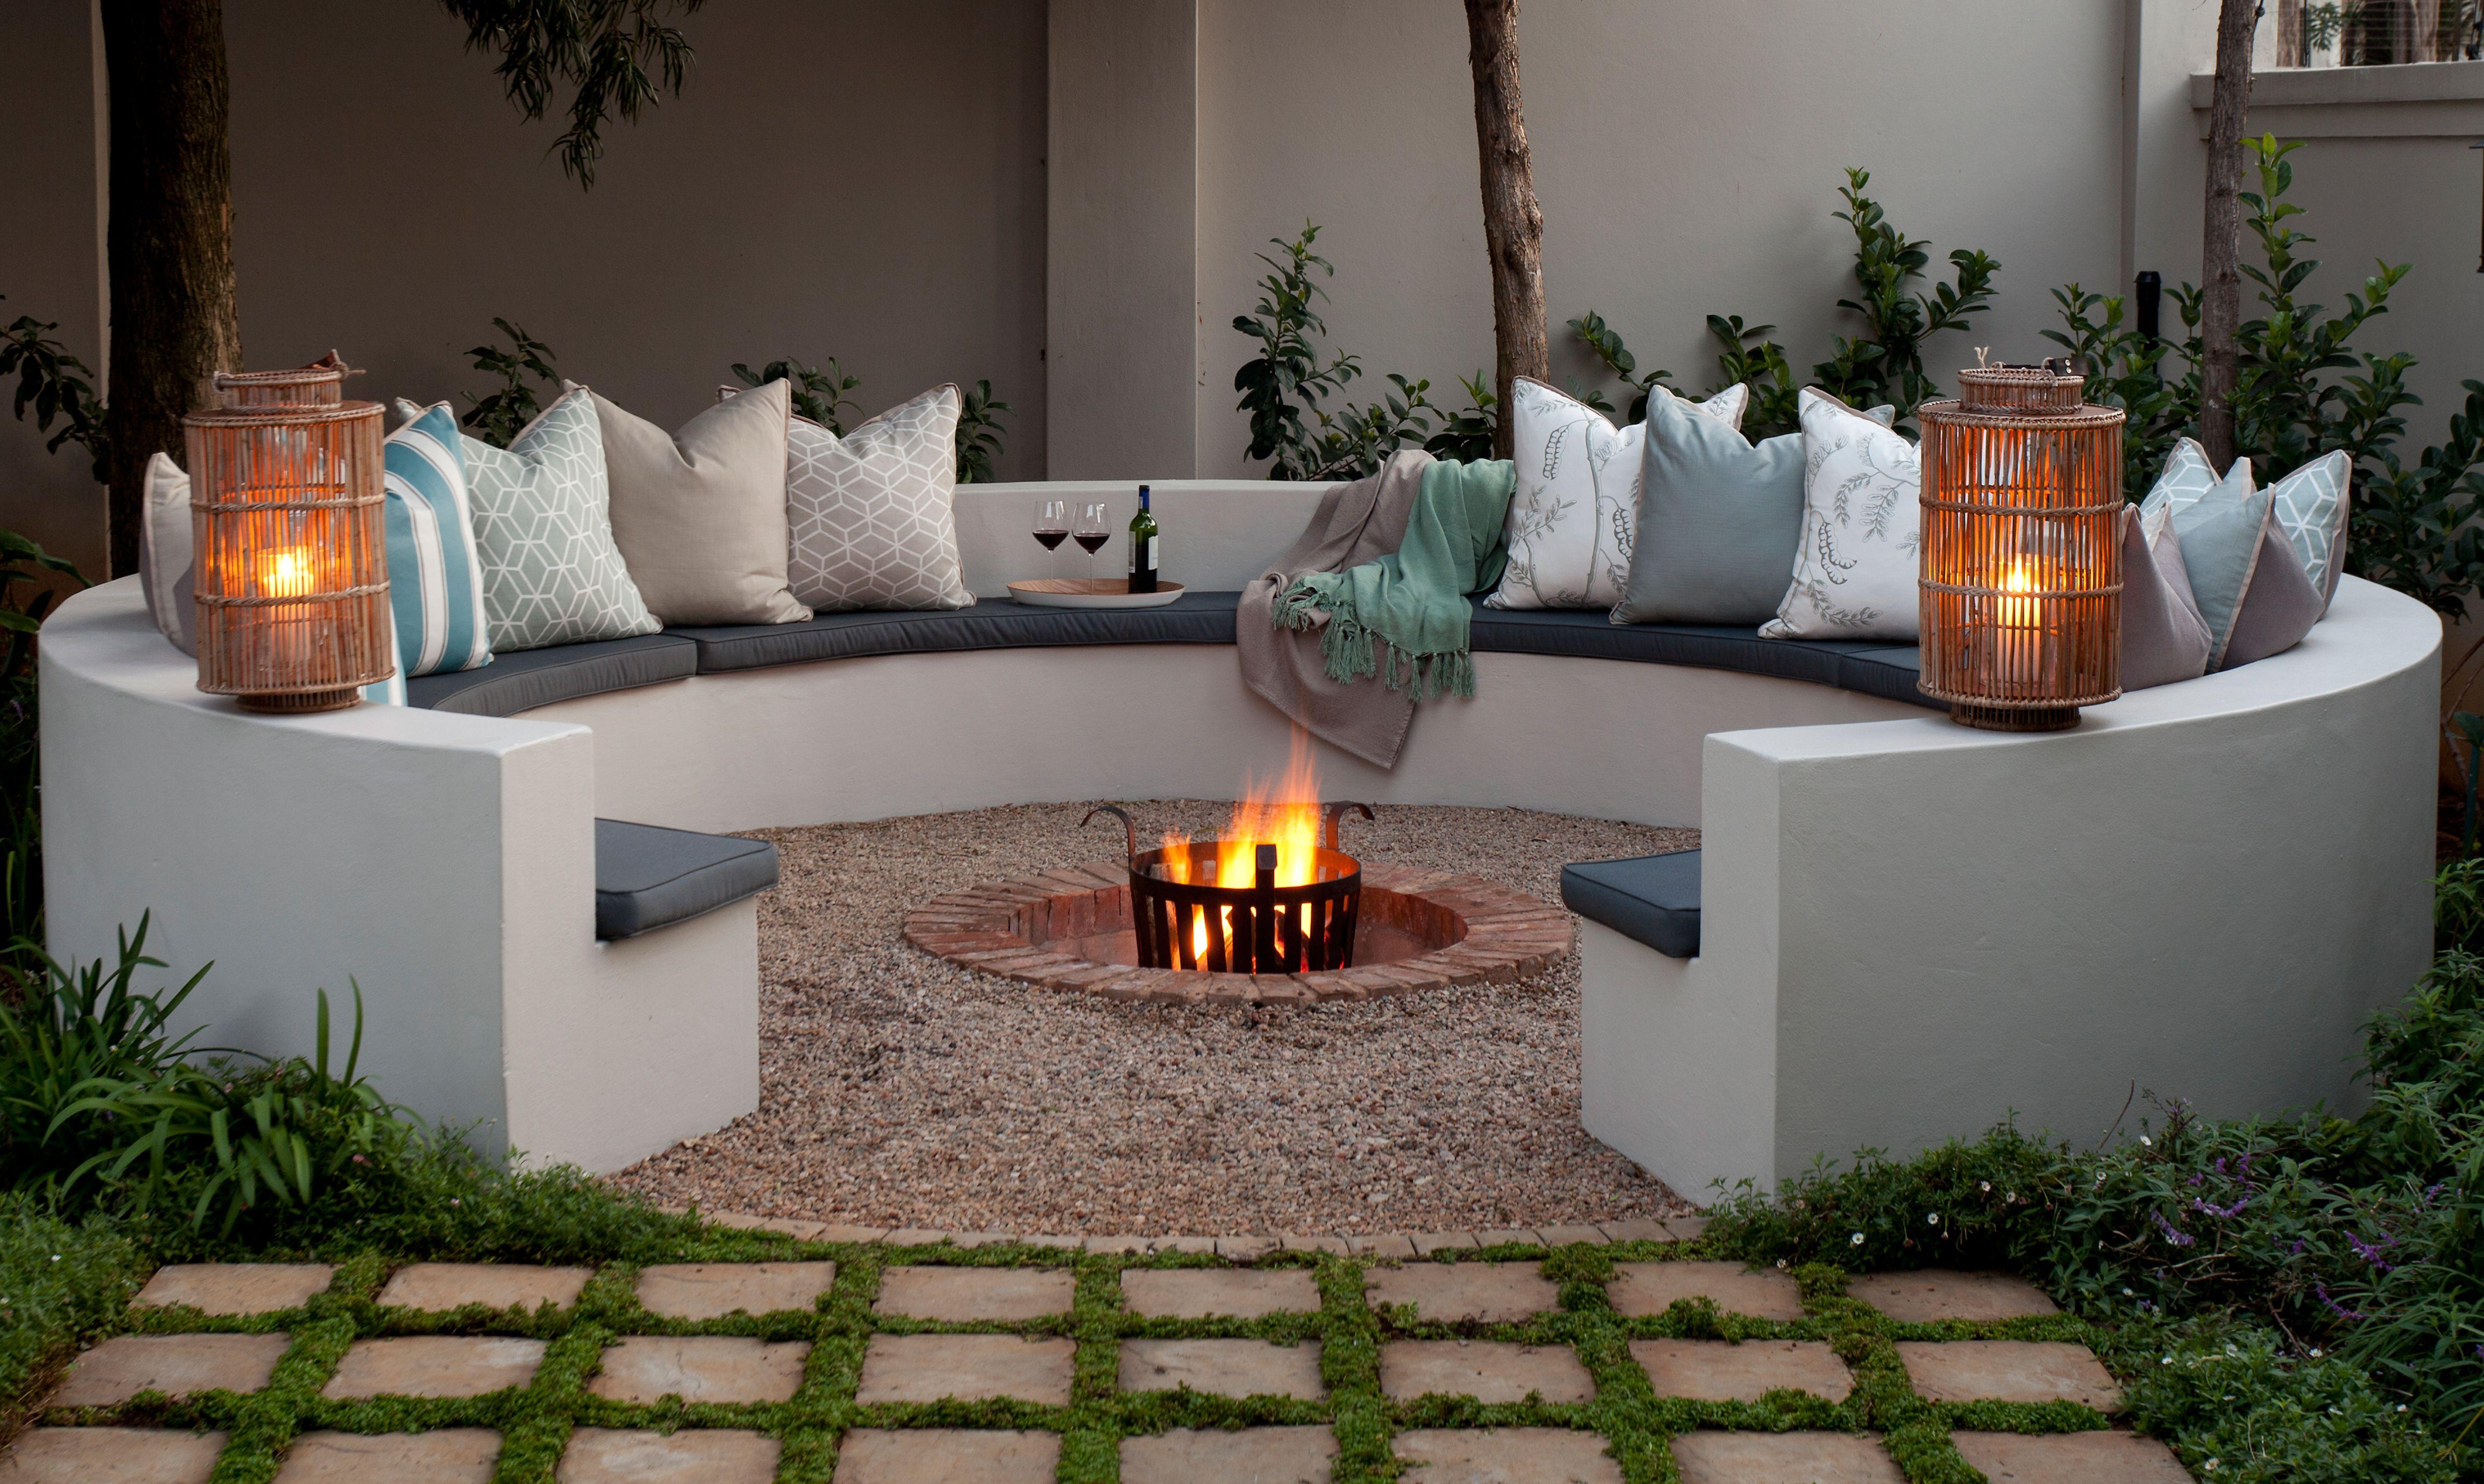 designing a stylish boma backyard sunken fire pits and patios